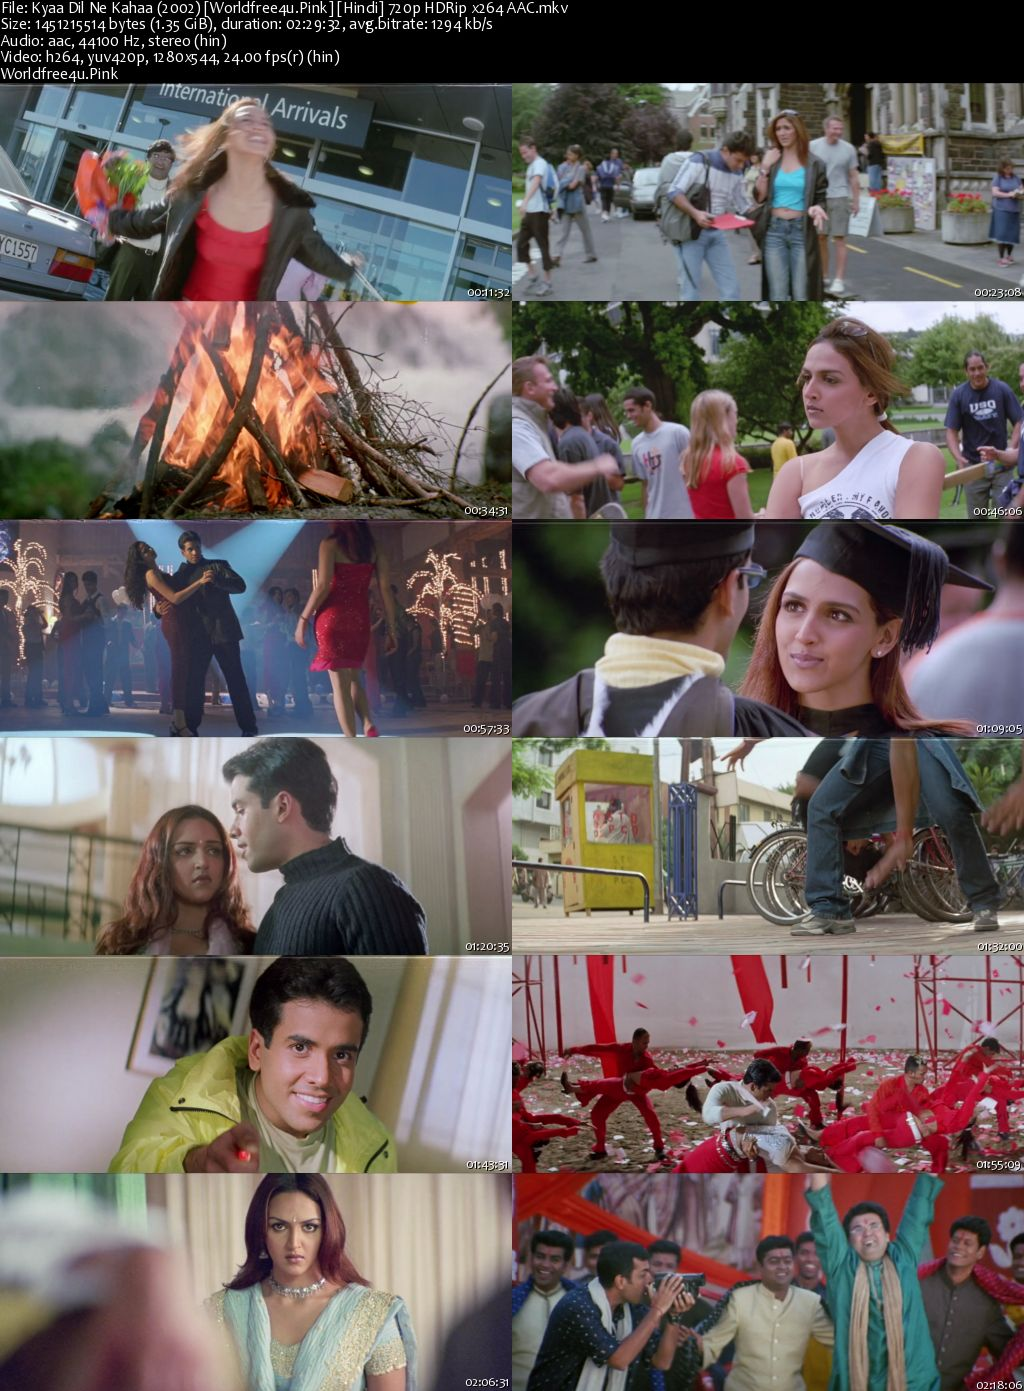 Kyaa Dil Ne Kahaa 2002 Hindi HDRip 720p